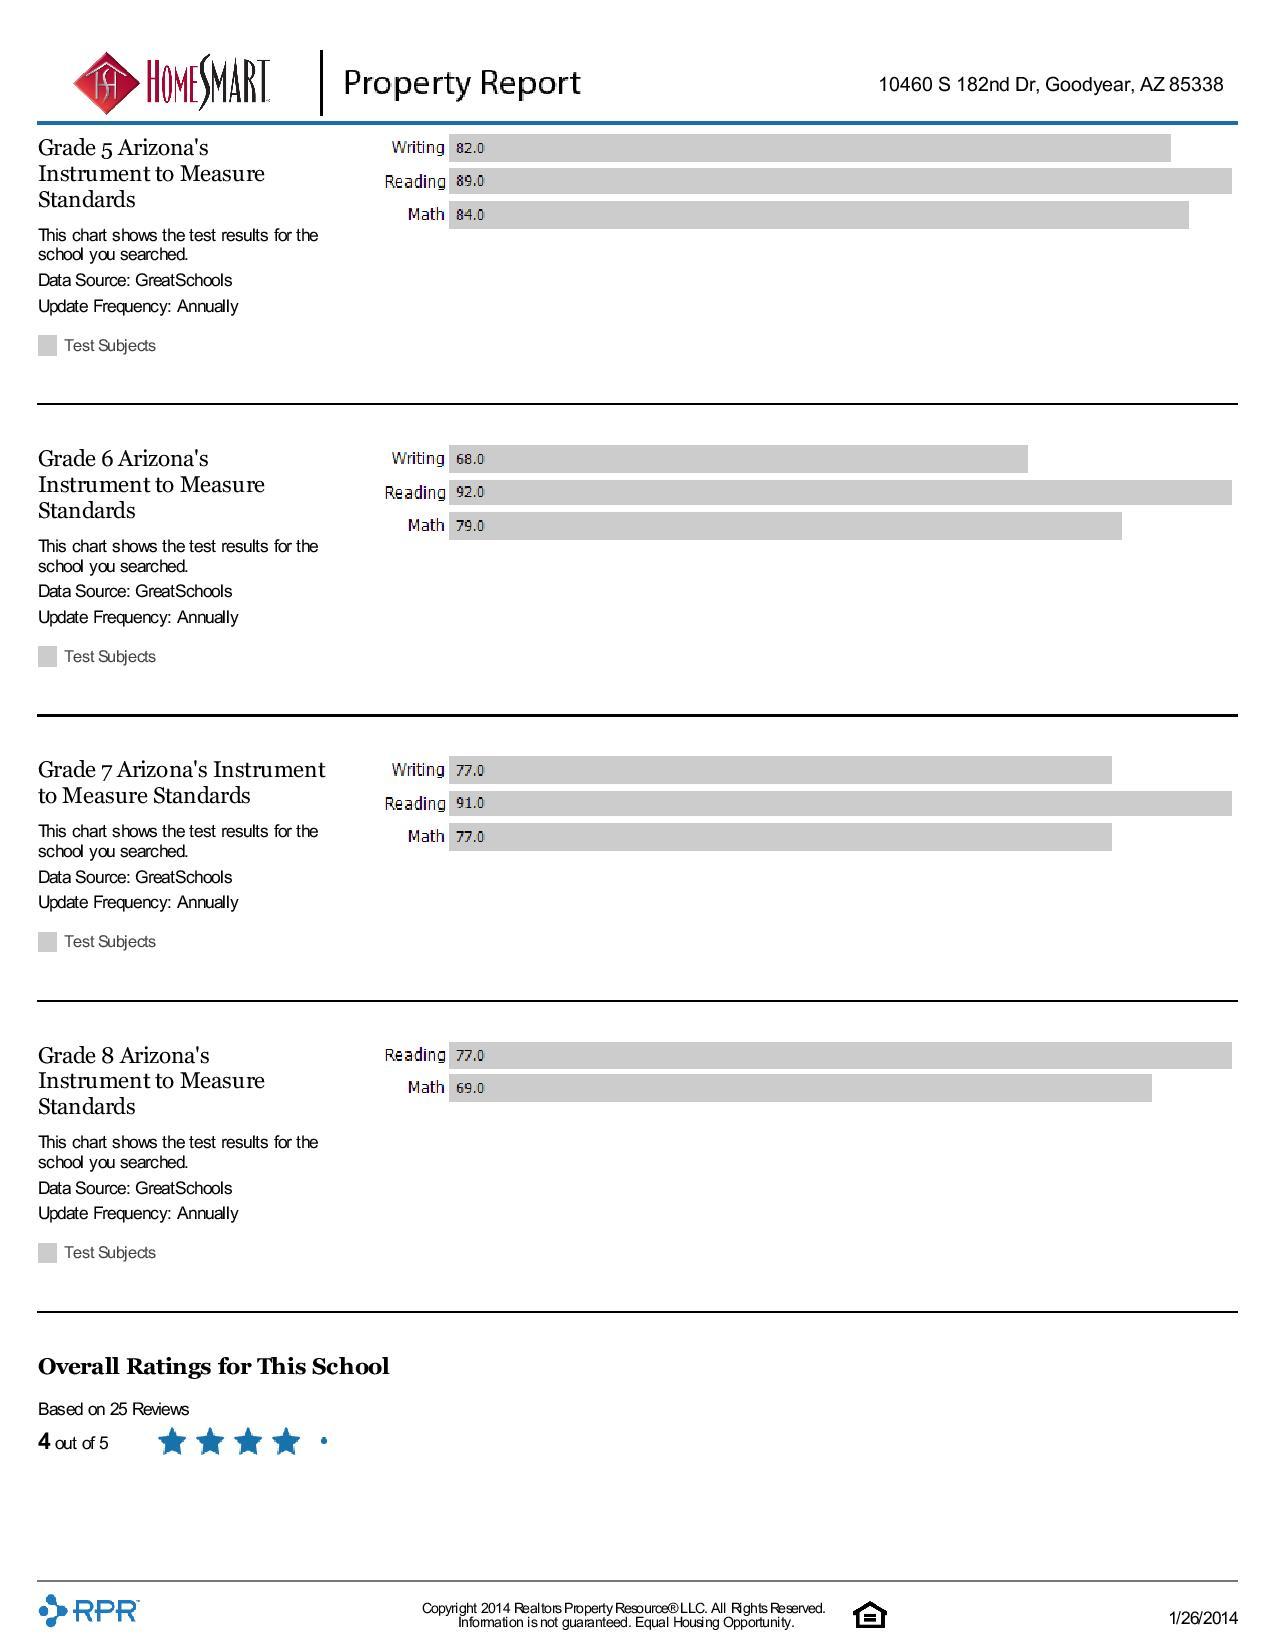 10460-S-182nd-Dr-Goodyear-AZ-85338.pdf-page-016